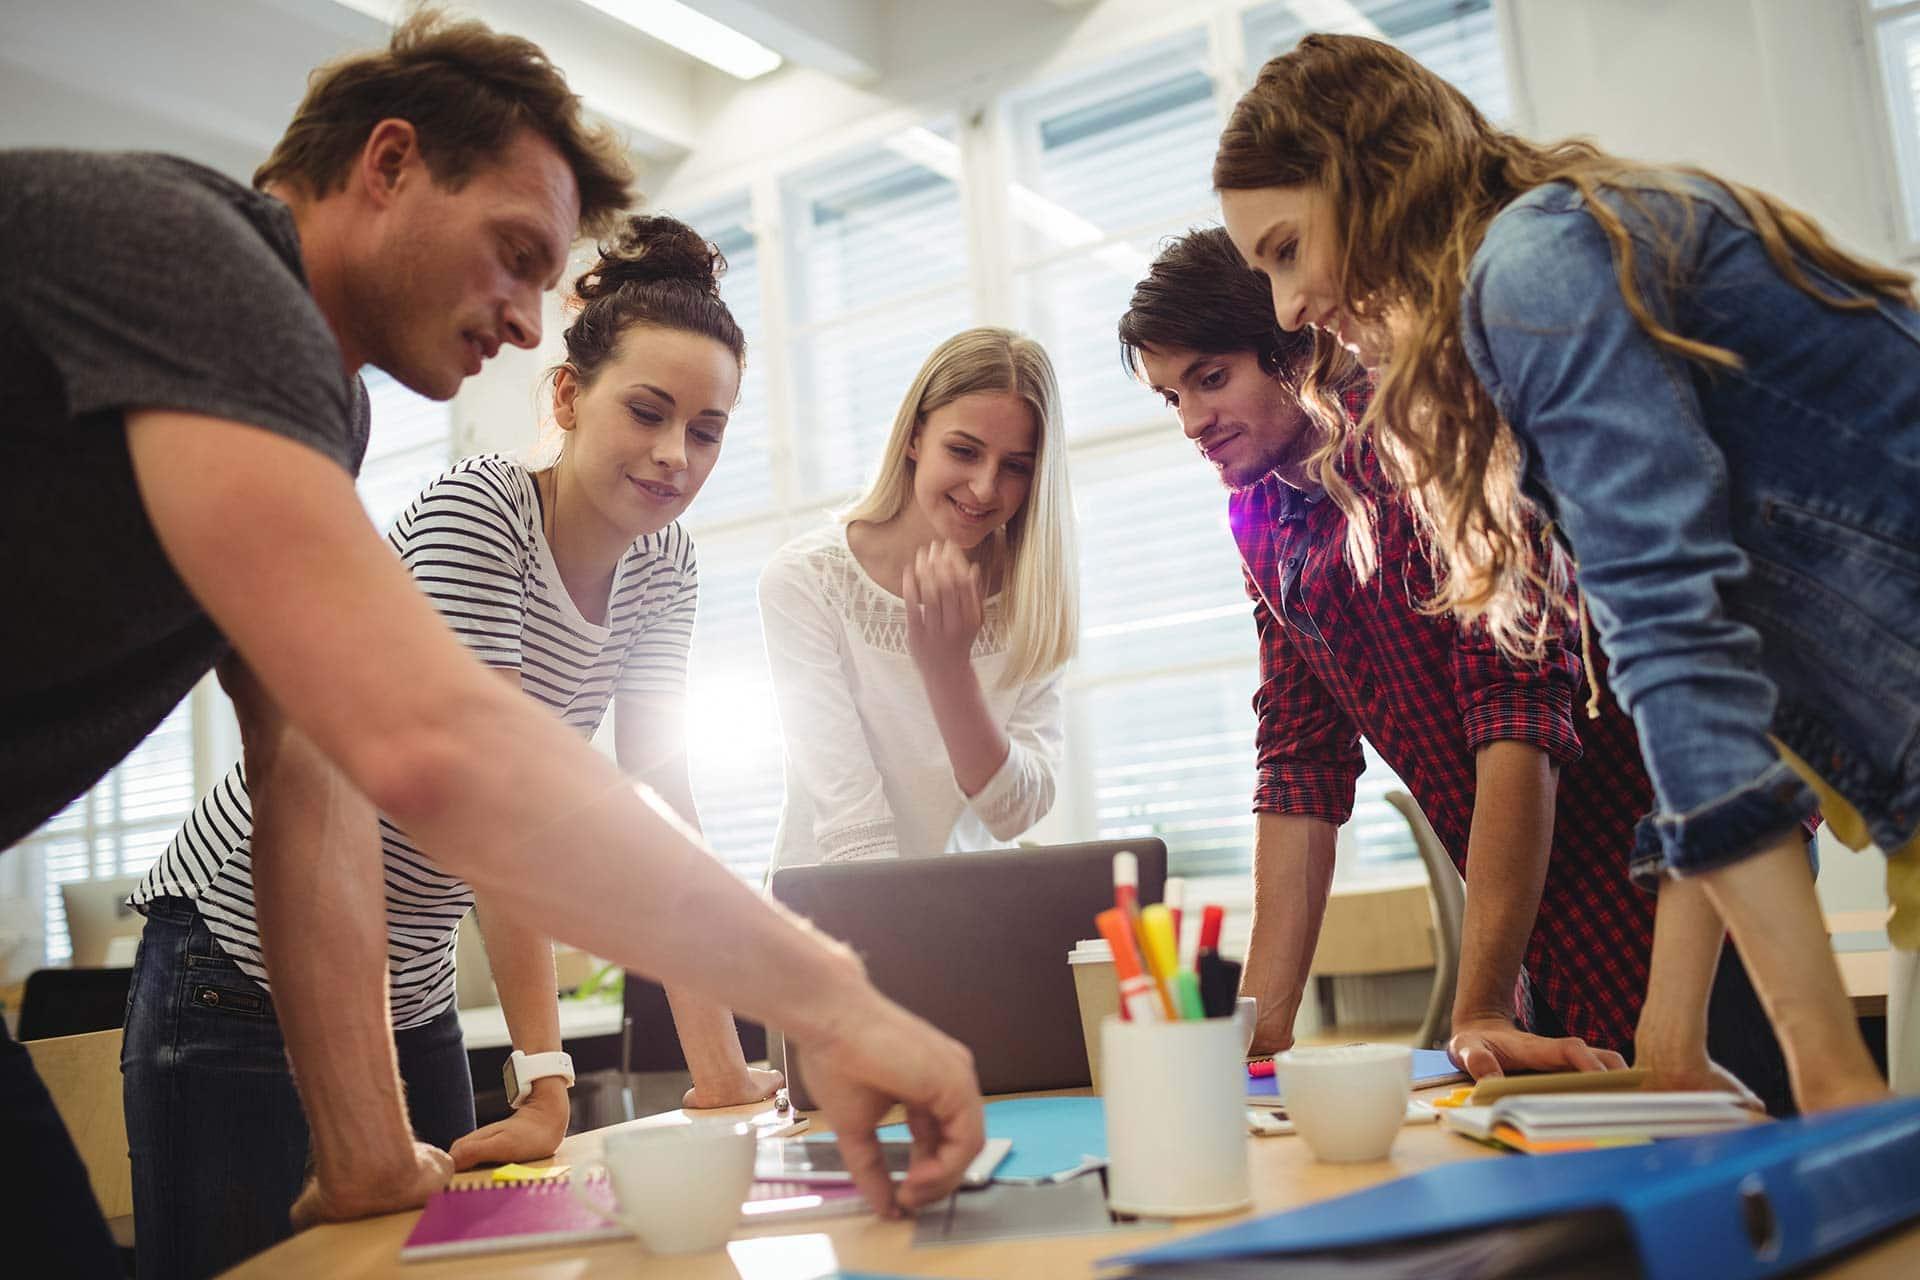 Image de couverture de: [Livre blanc] Valorisez les avantages de votre entreprise pour attirer les talents